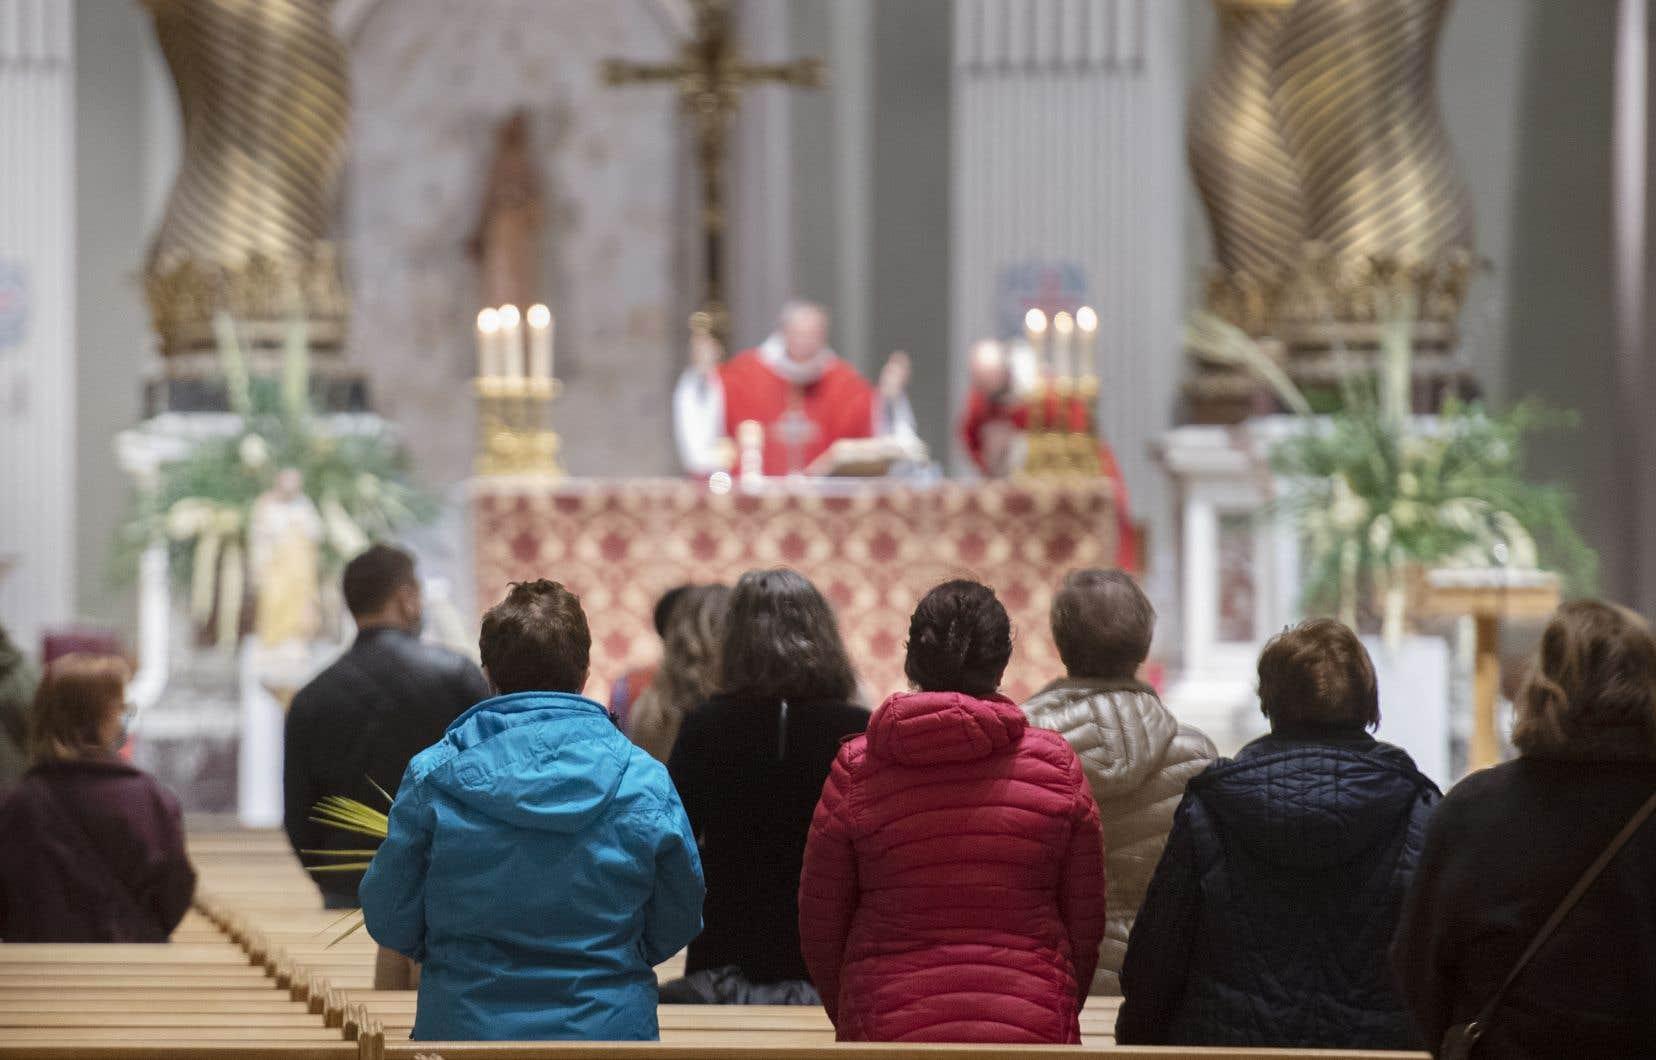 Des fidèles assistent à une messe à la cathédrale Marie-Reine-du-Monde à Montréal, le dimanche 28 mars 2021.